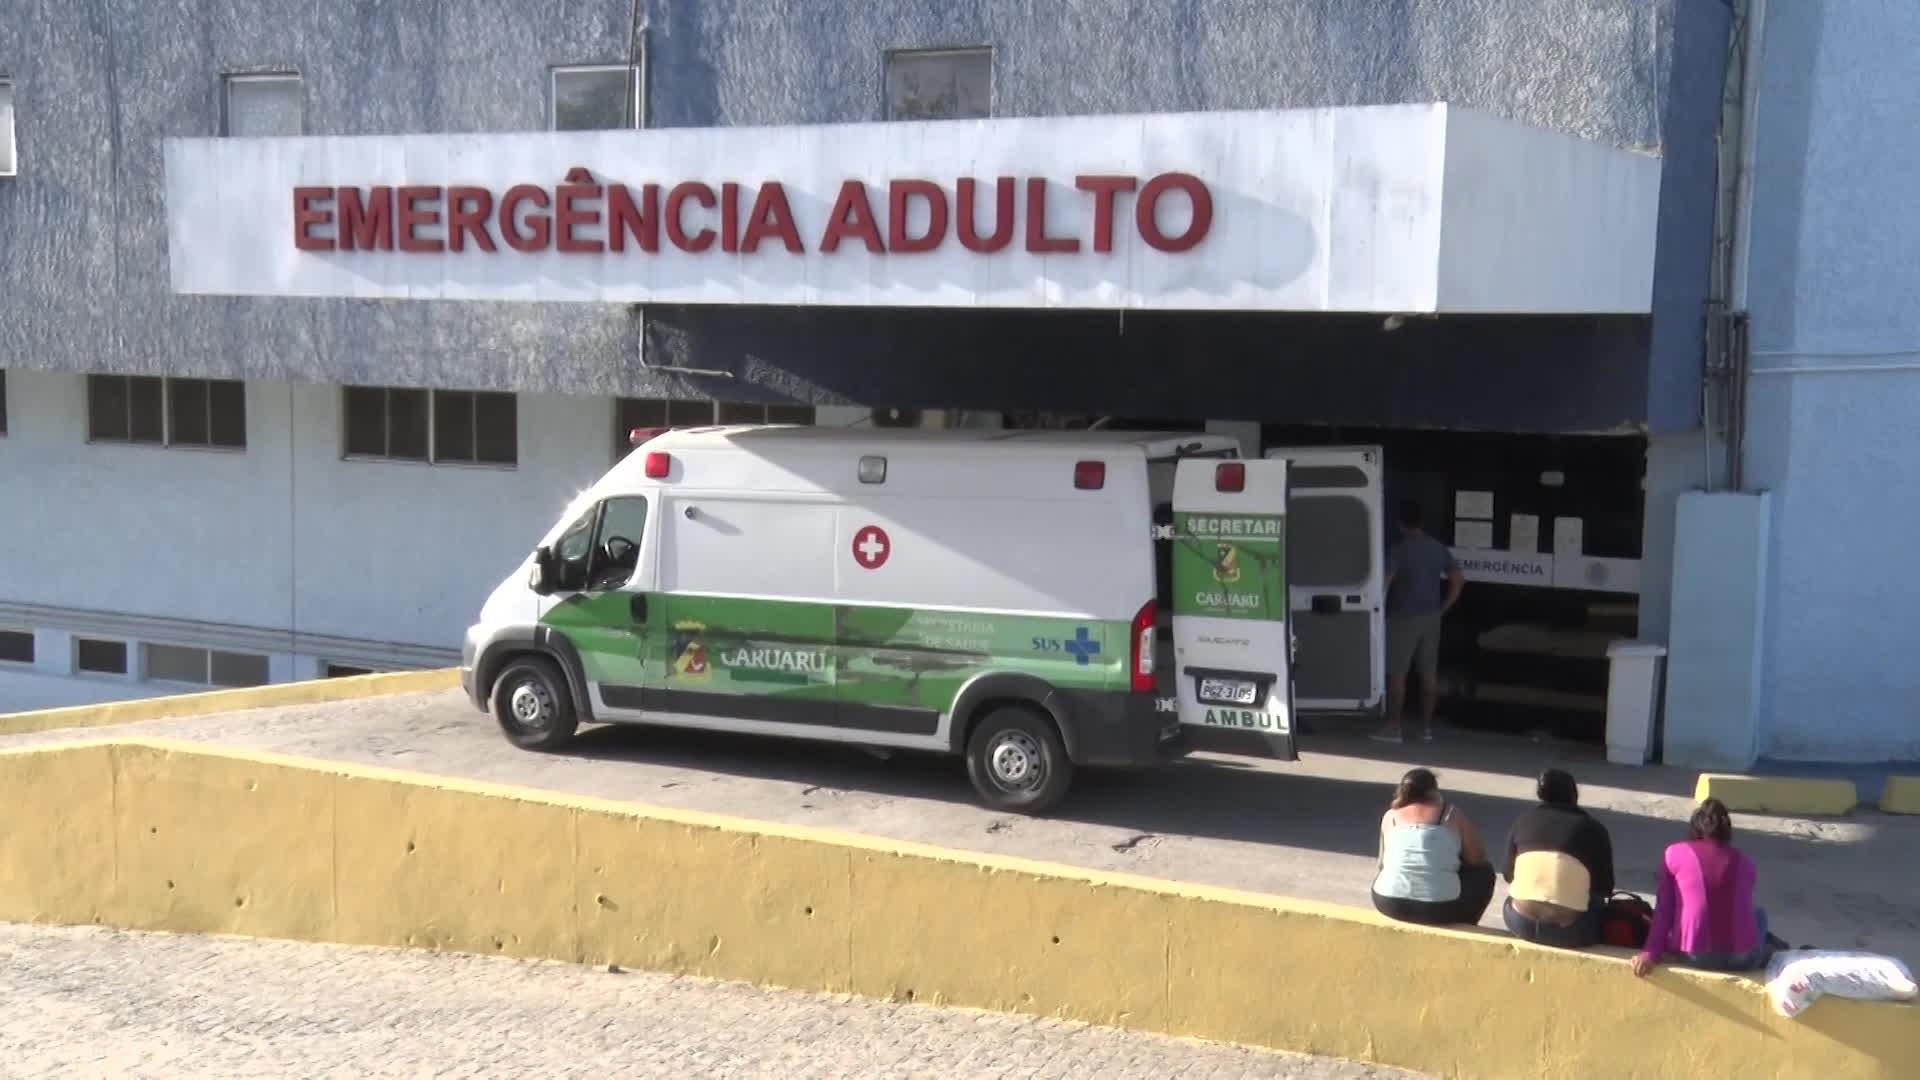 Programa busca agilizar cirurgias eletivas desmarcadas por conta da pandemia e realizar 50 mil procedimentos até o fim de 2022